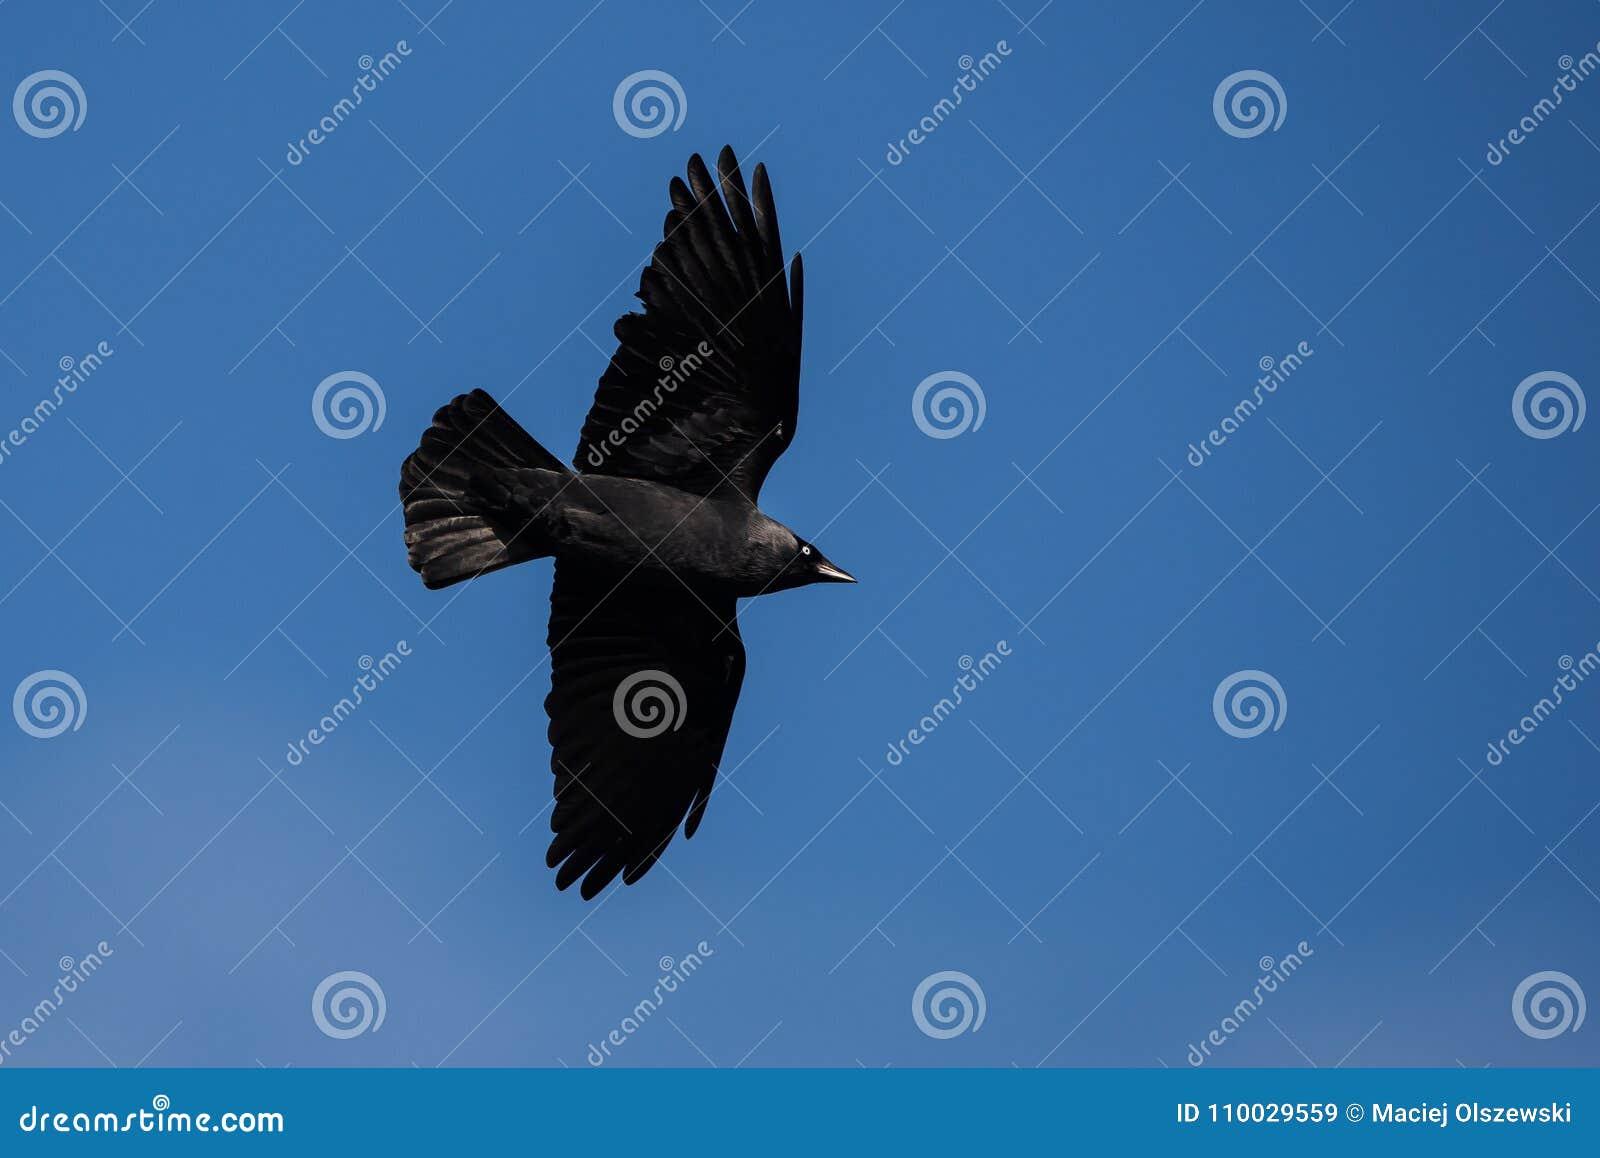 Westelijke Kauw, Corvus-monedula